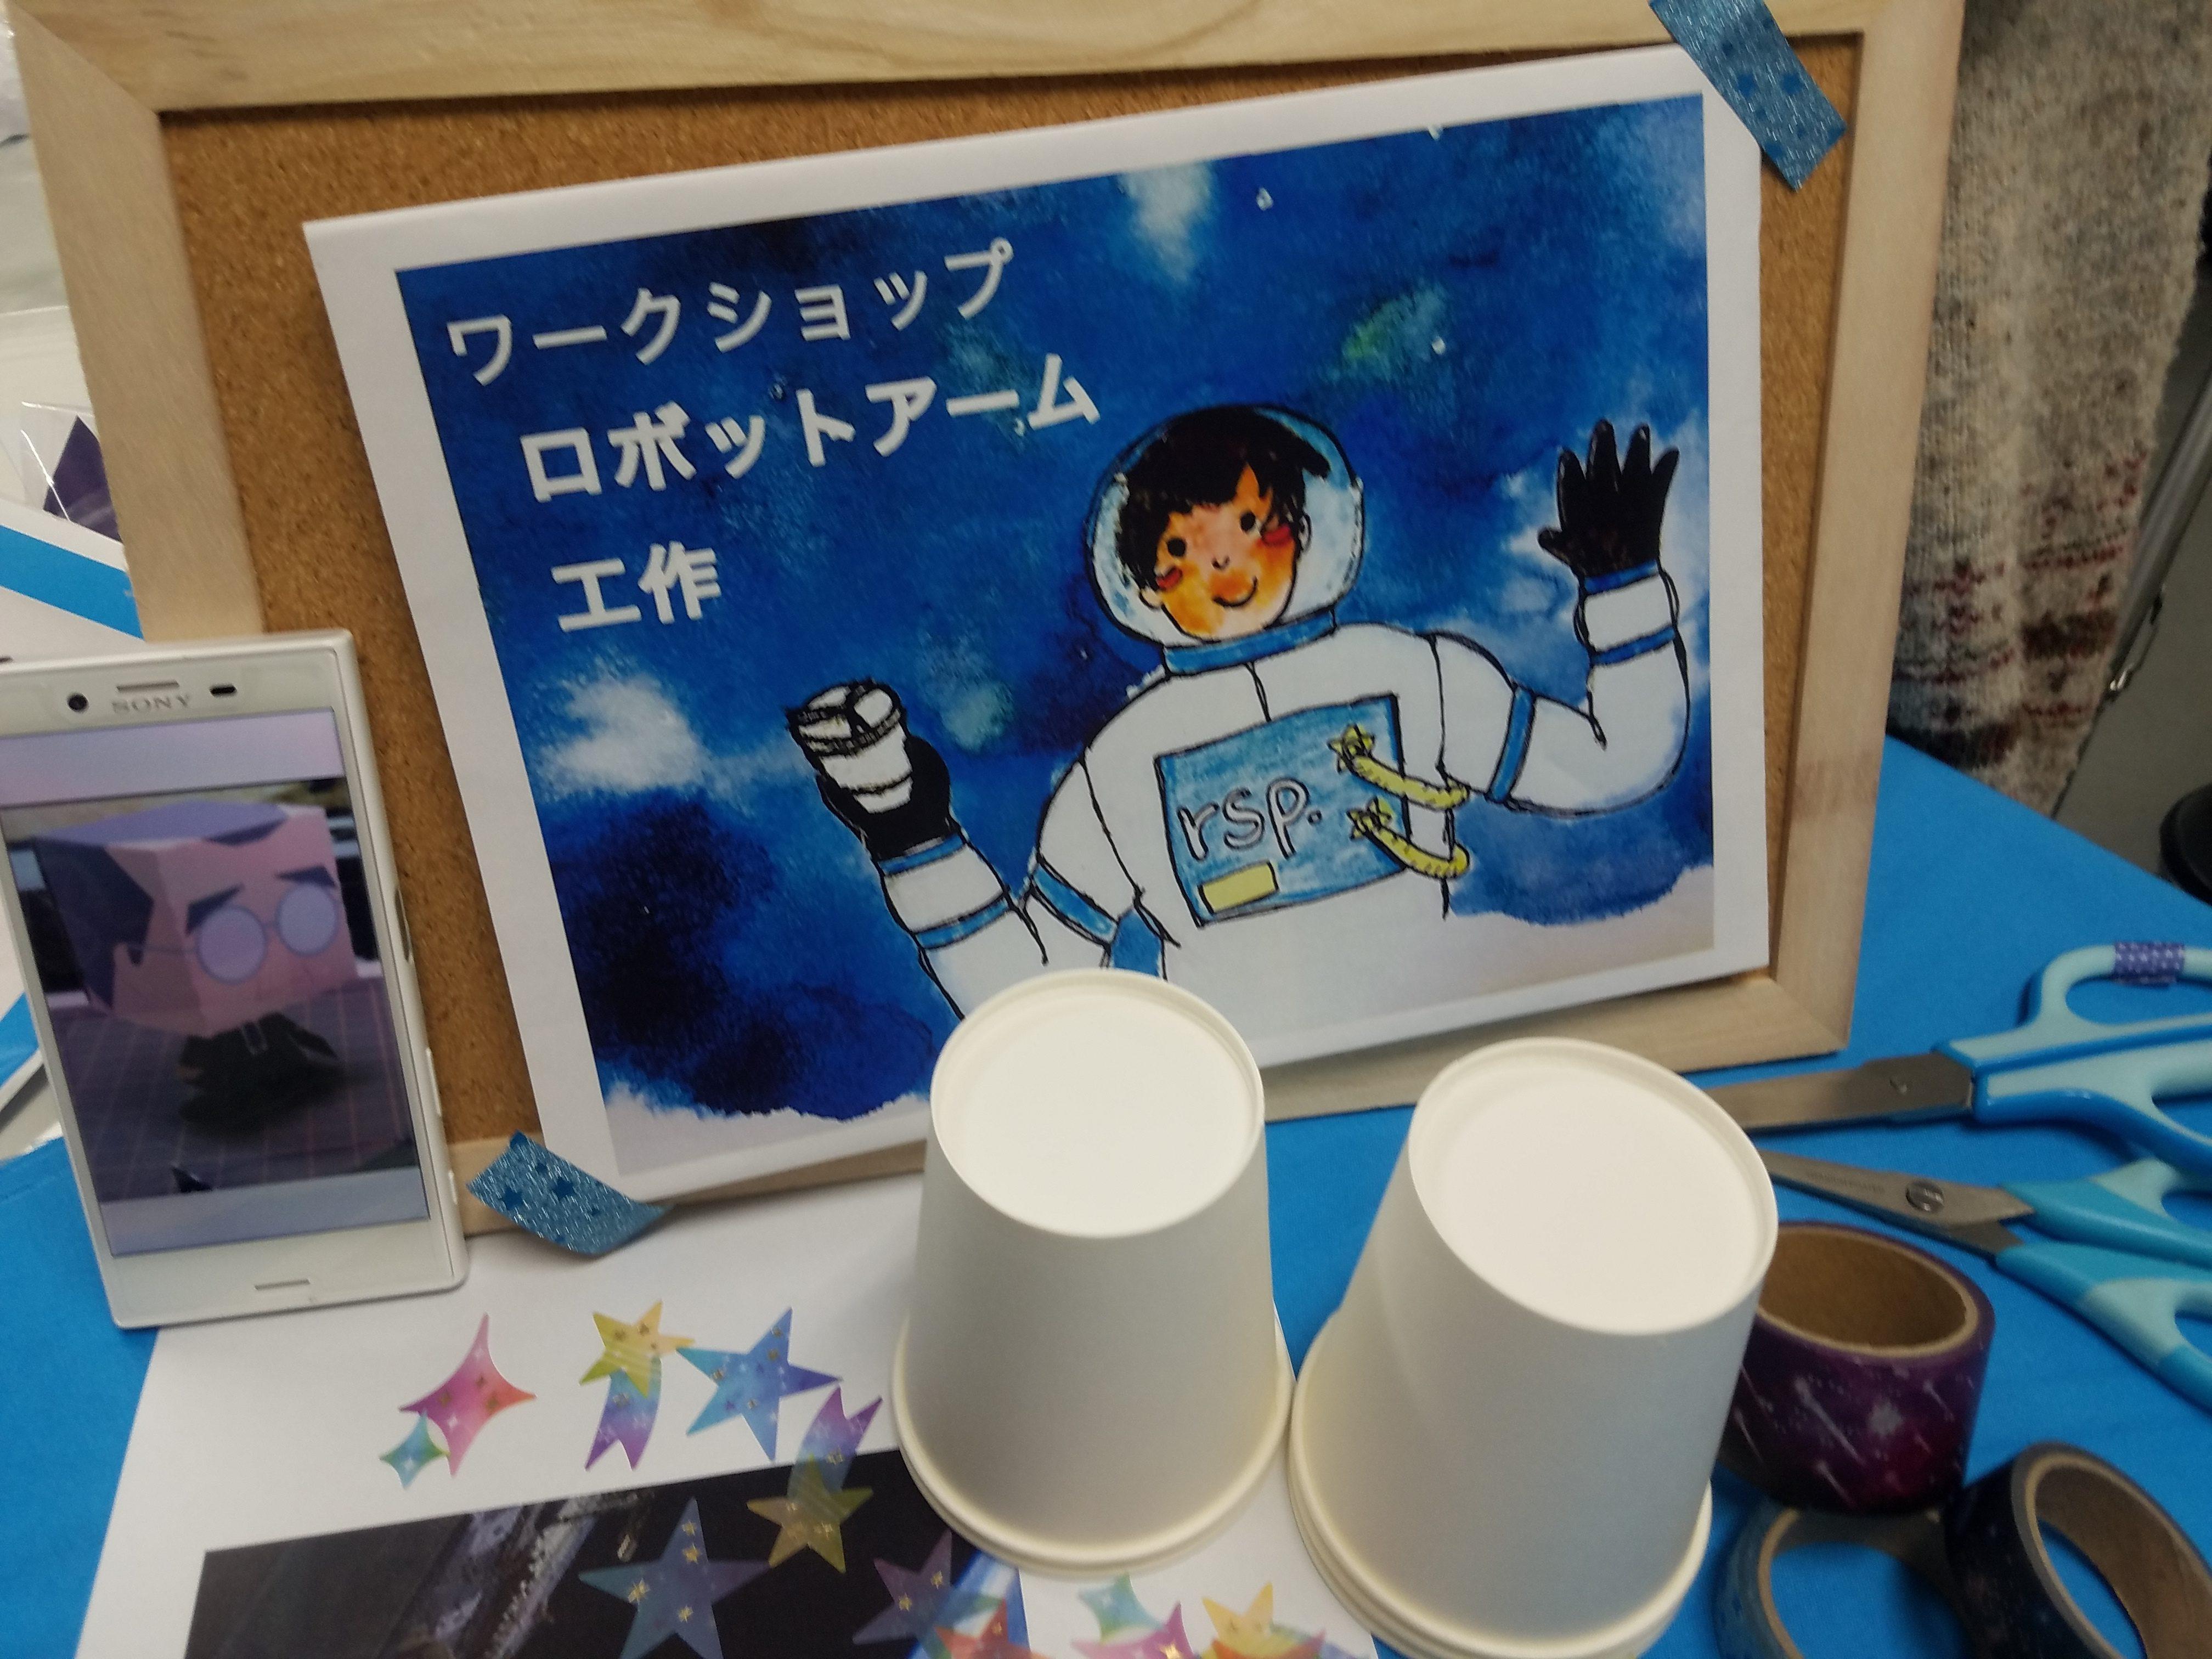 星マルシェ - ロボットアーム工作